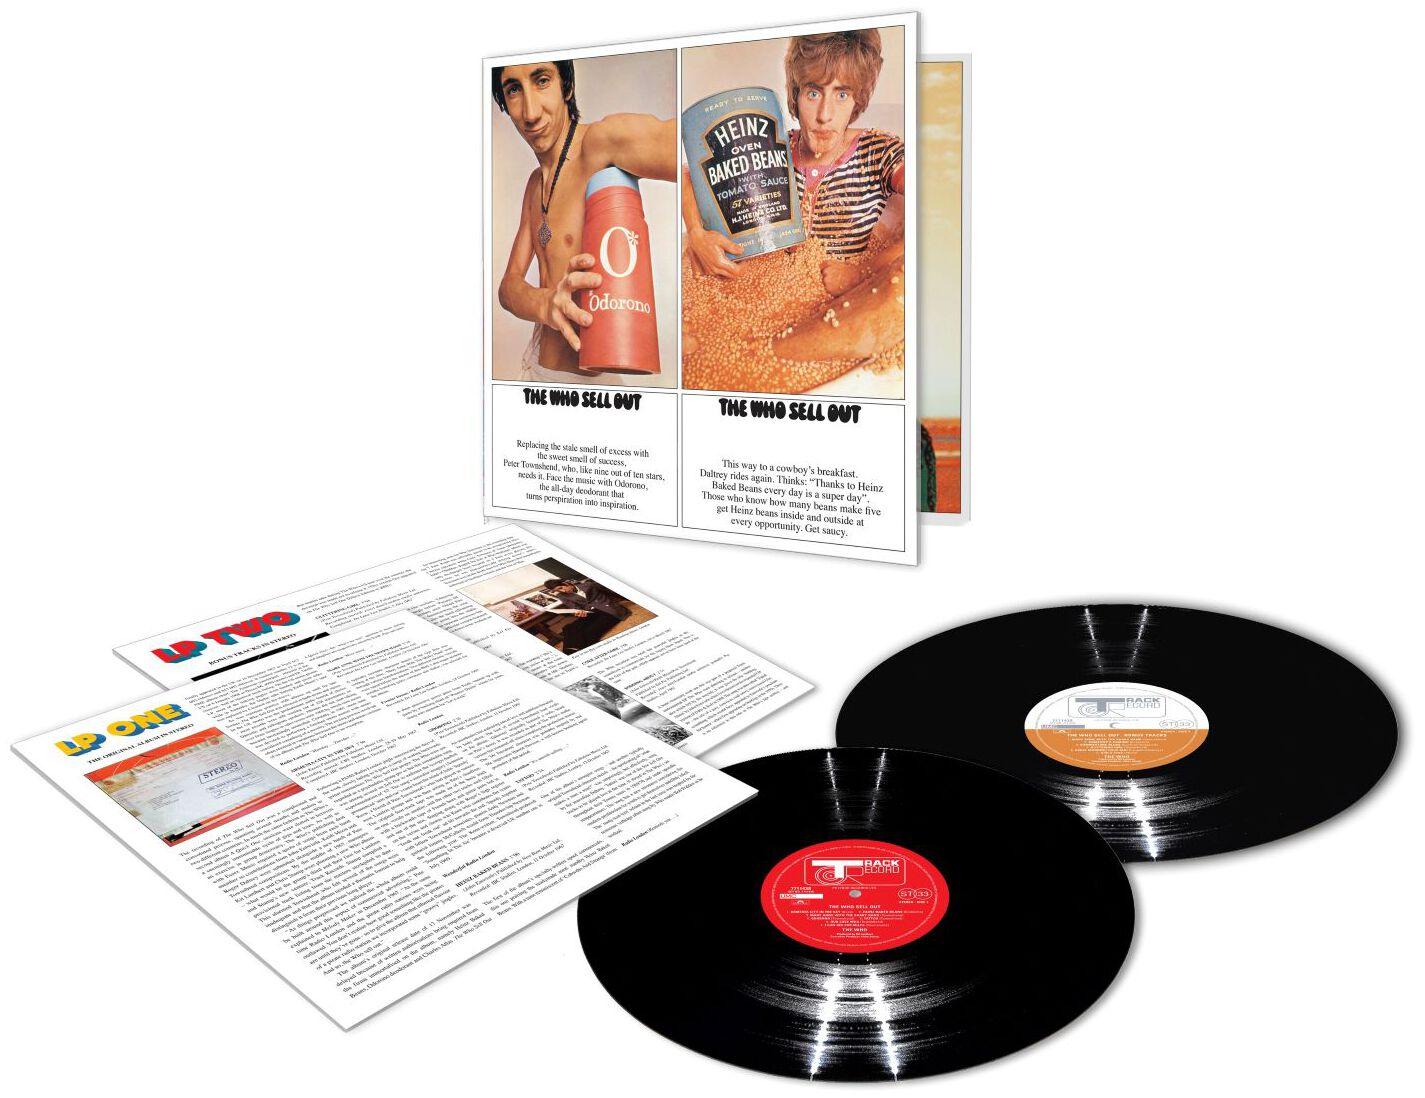 Postea el último vinilo que hayas comprado - Página 9 496802